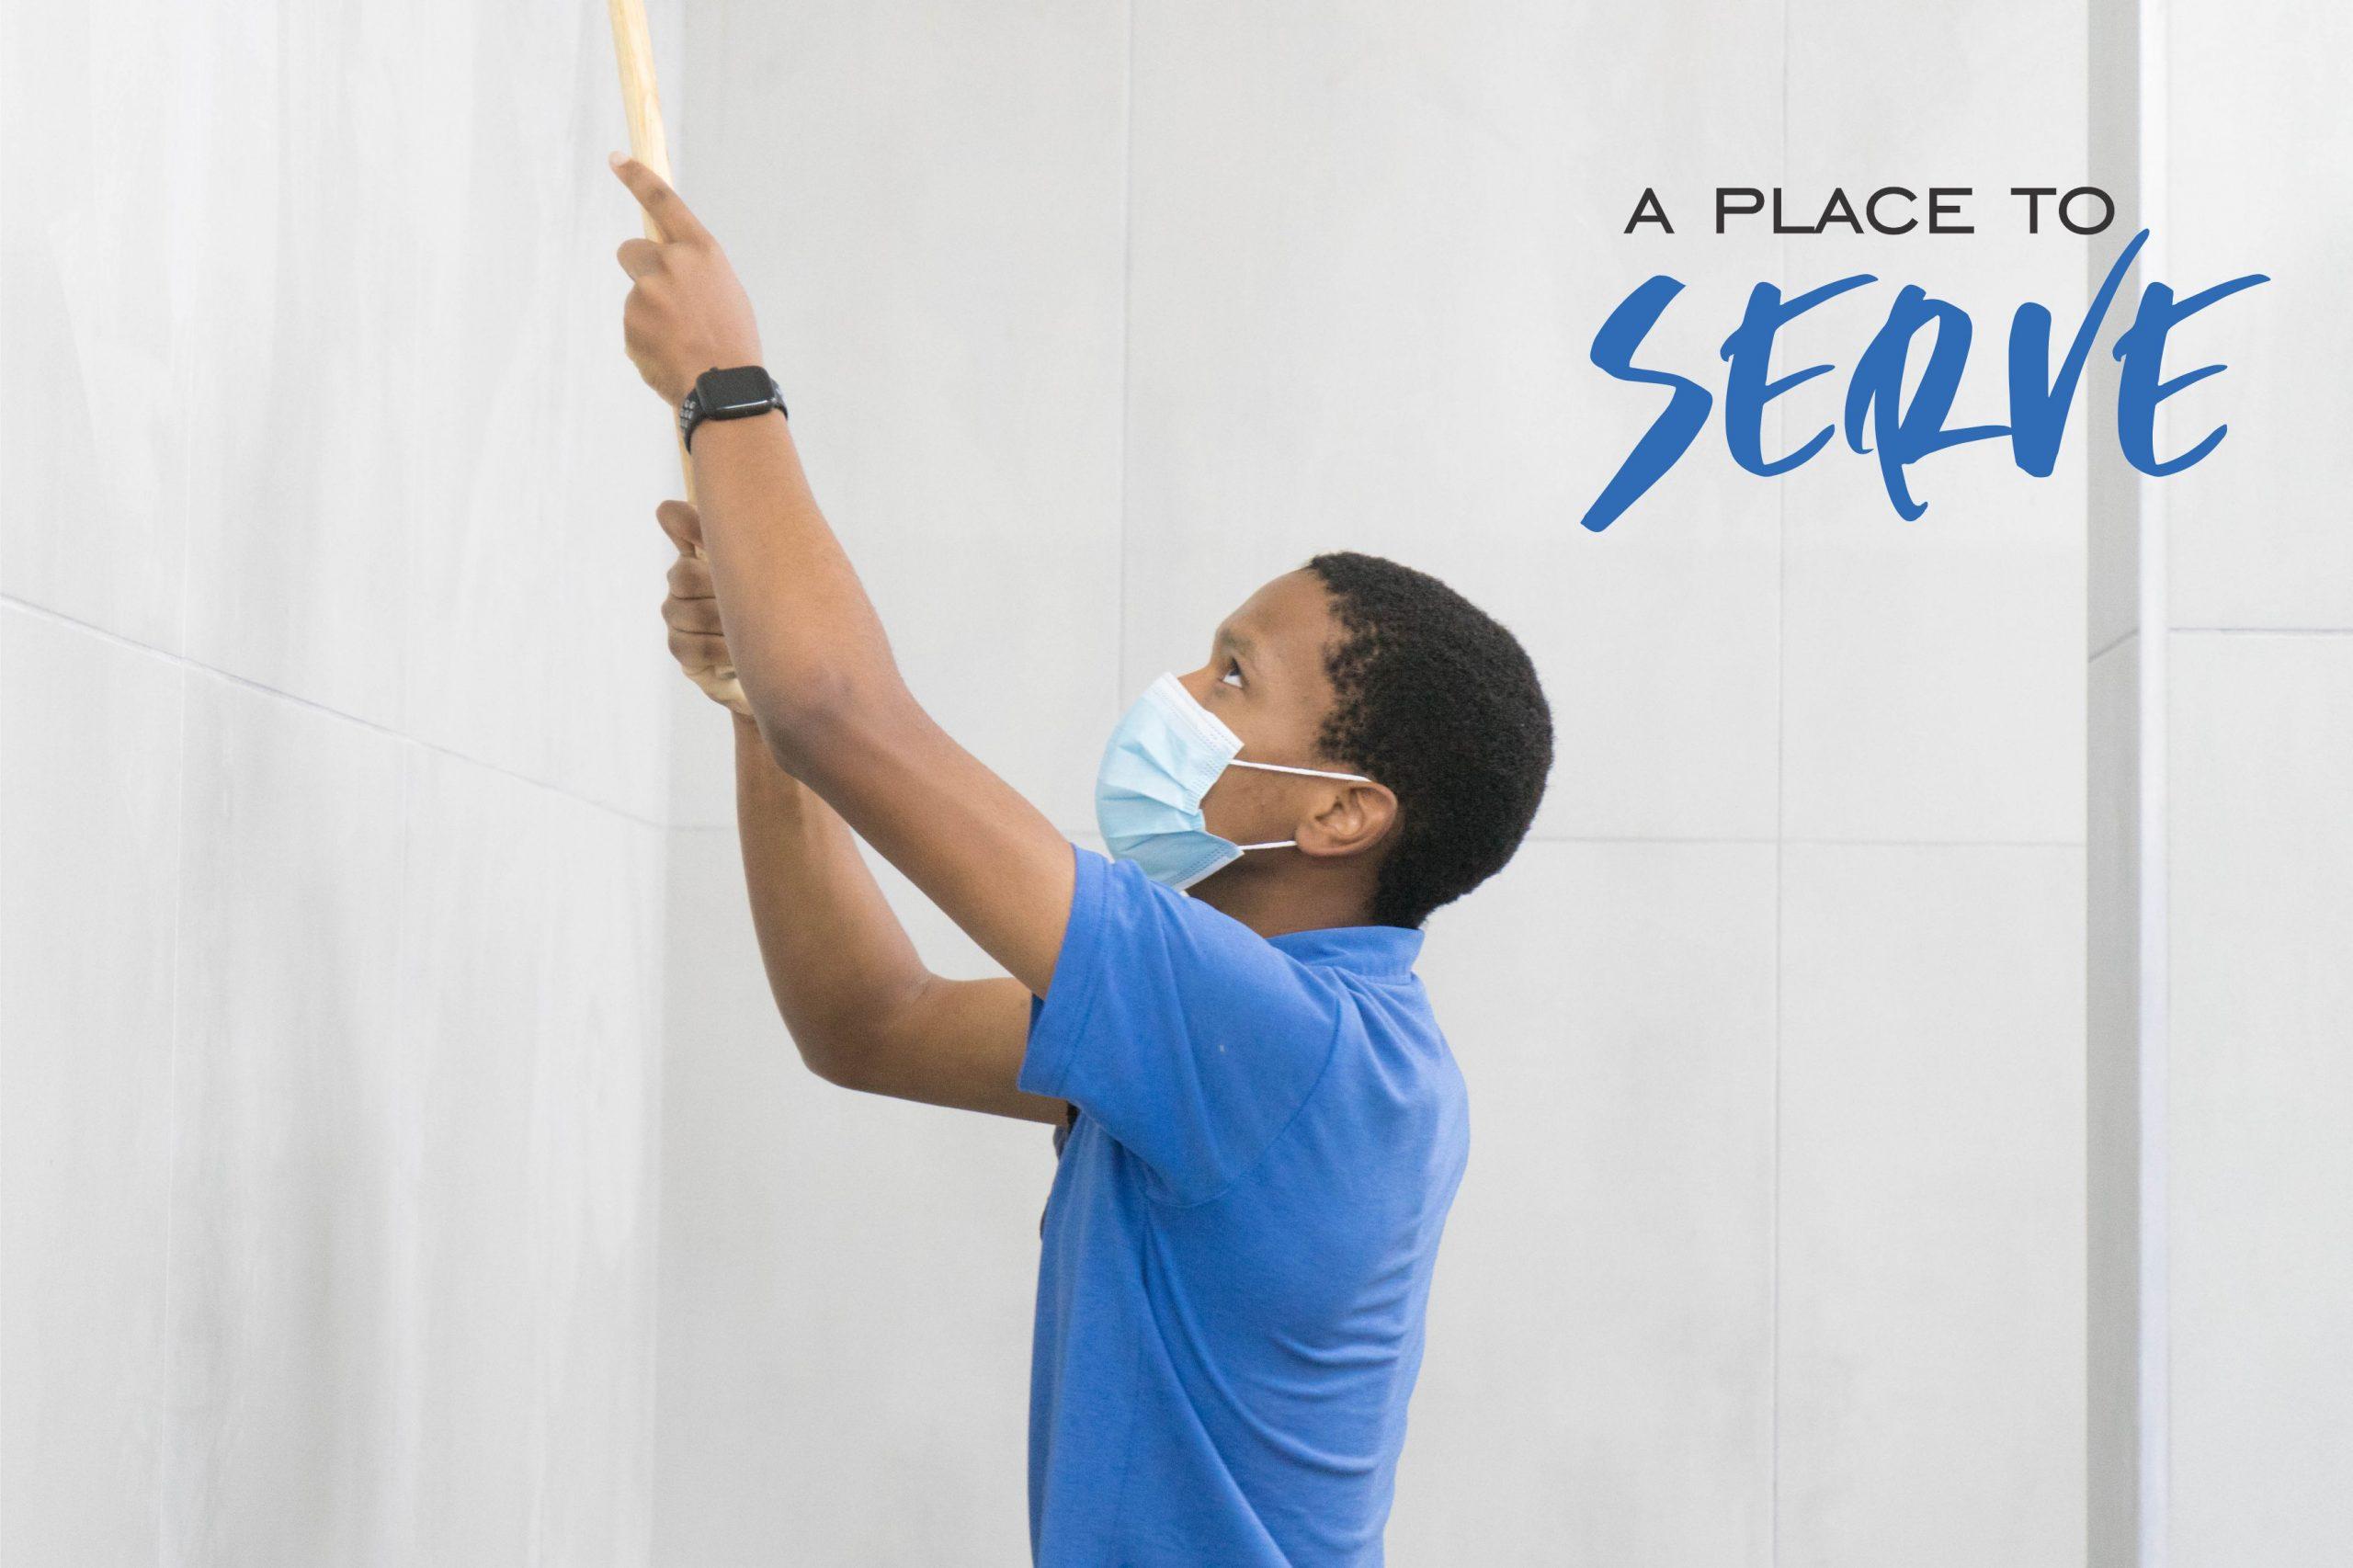 Serve place